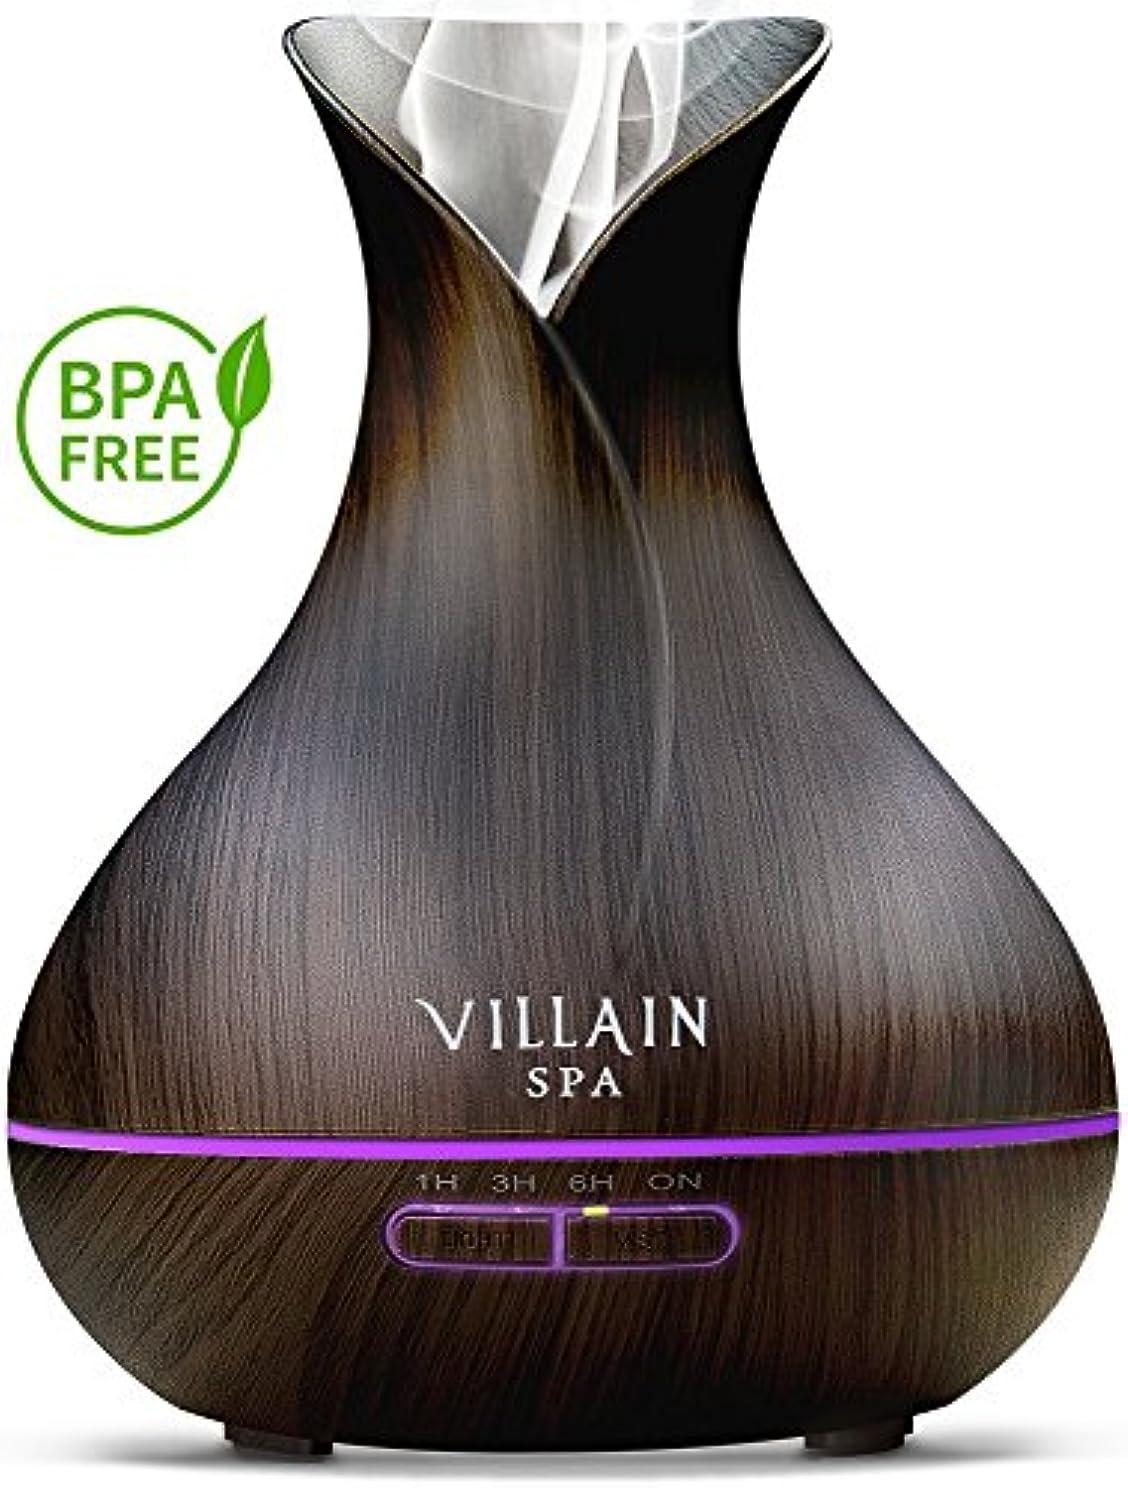 バケツ国民動力学Villain Spa超音波アロマエッセンシャルオイルディフューザー、400 ml木目クールミスト加湿器with 7 LEDライトの色変更、ミストコントロール、自動オフ、8 - 12 HR。ミスト